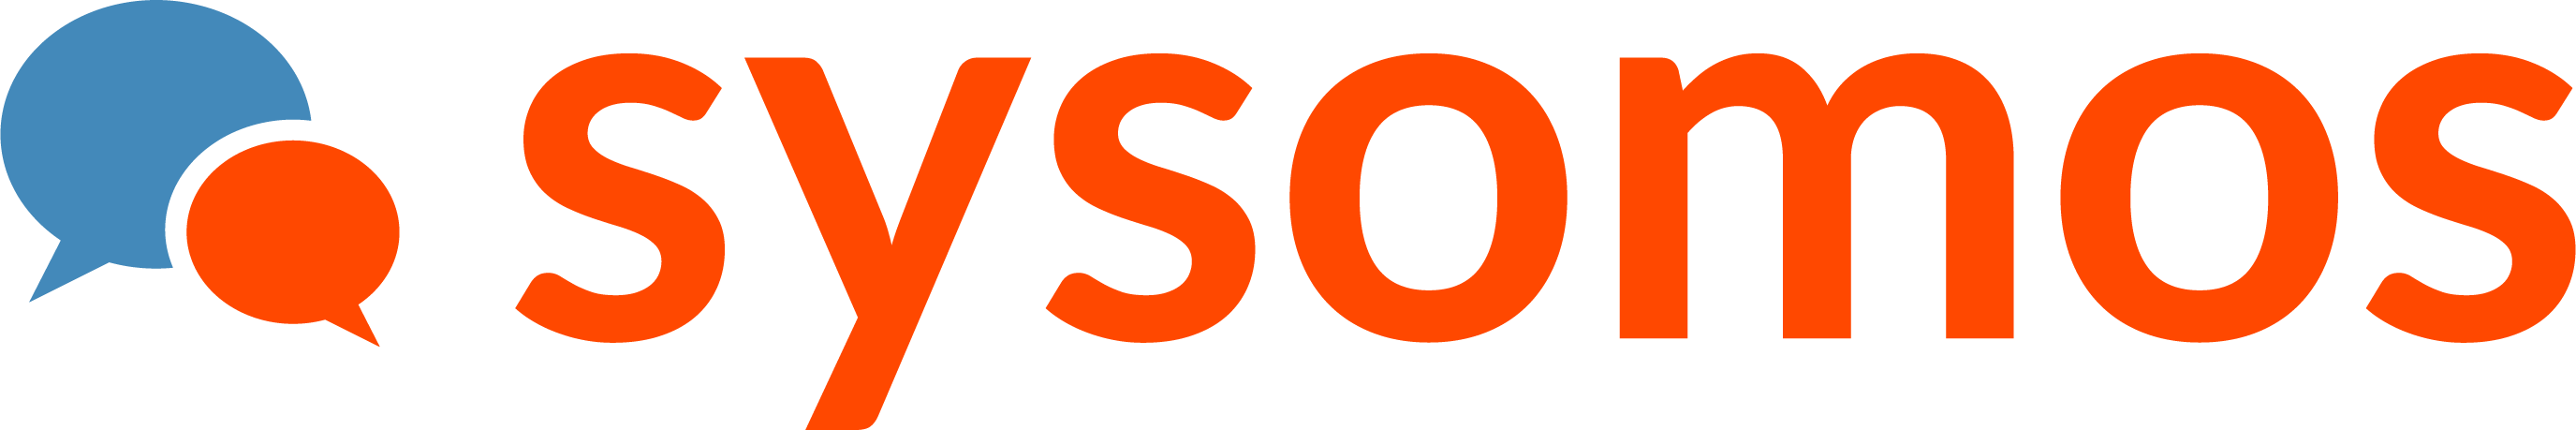 Sysomos Logo png